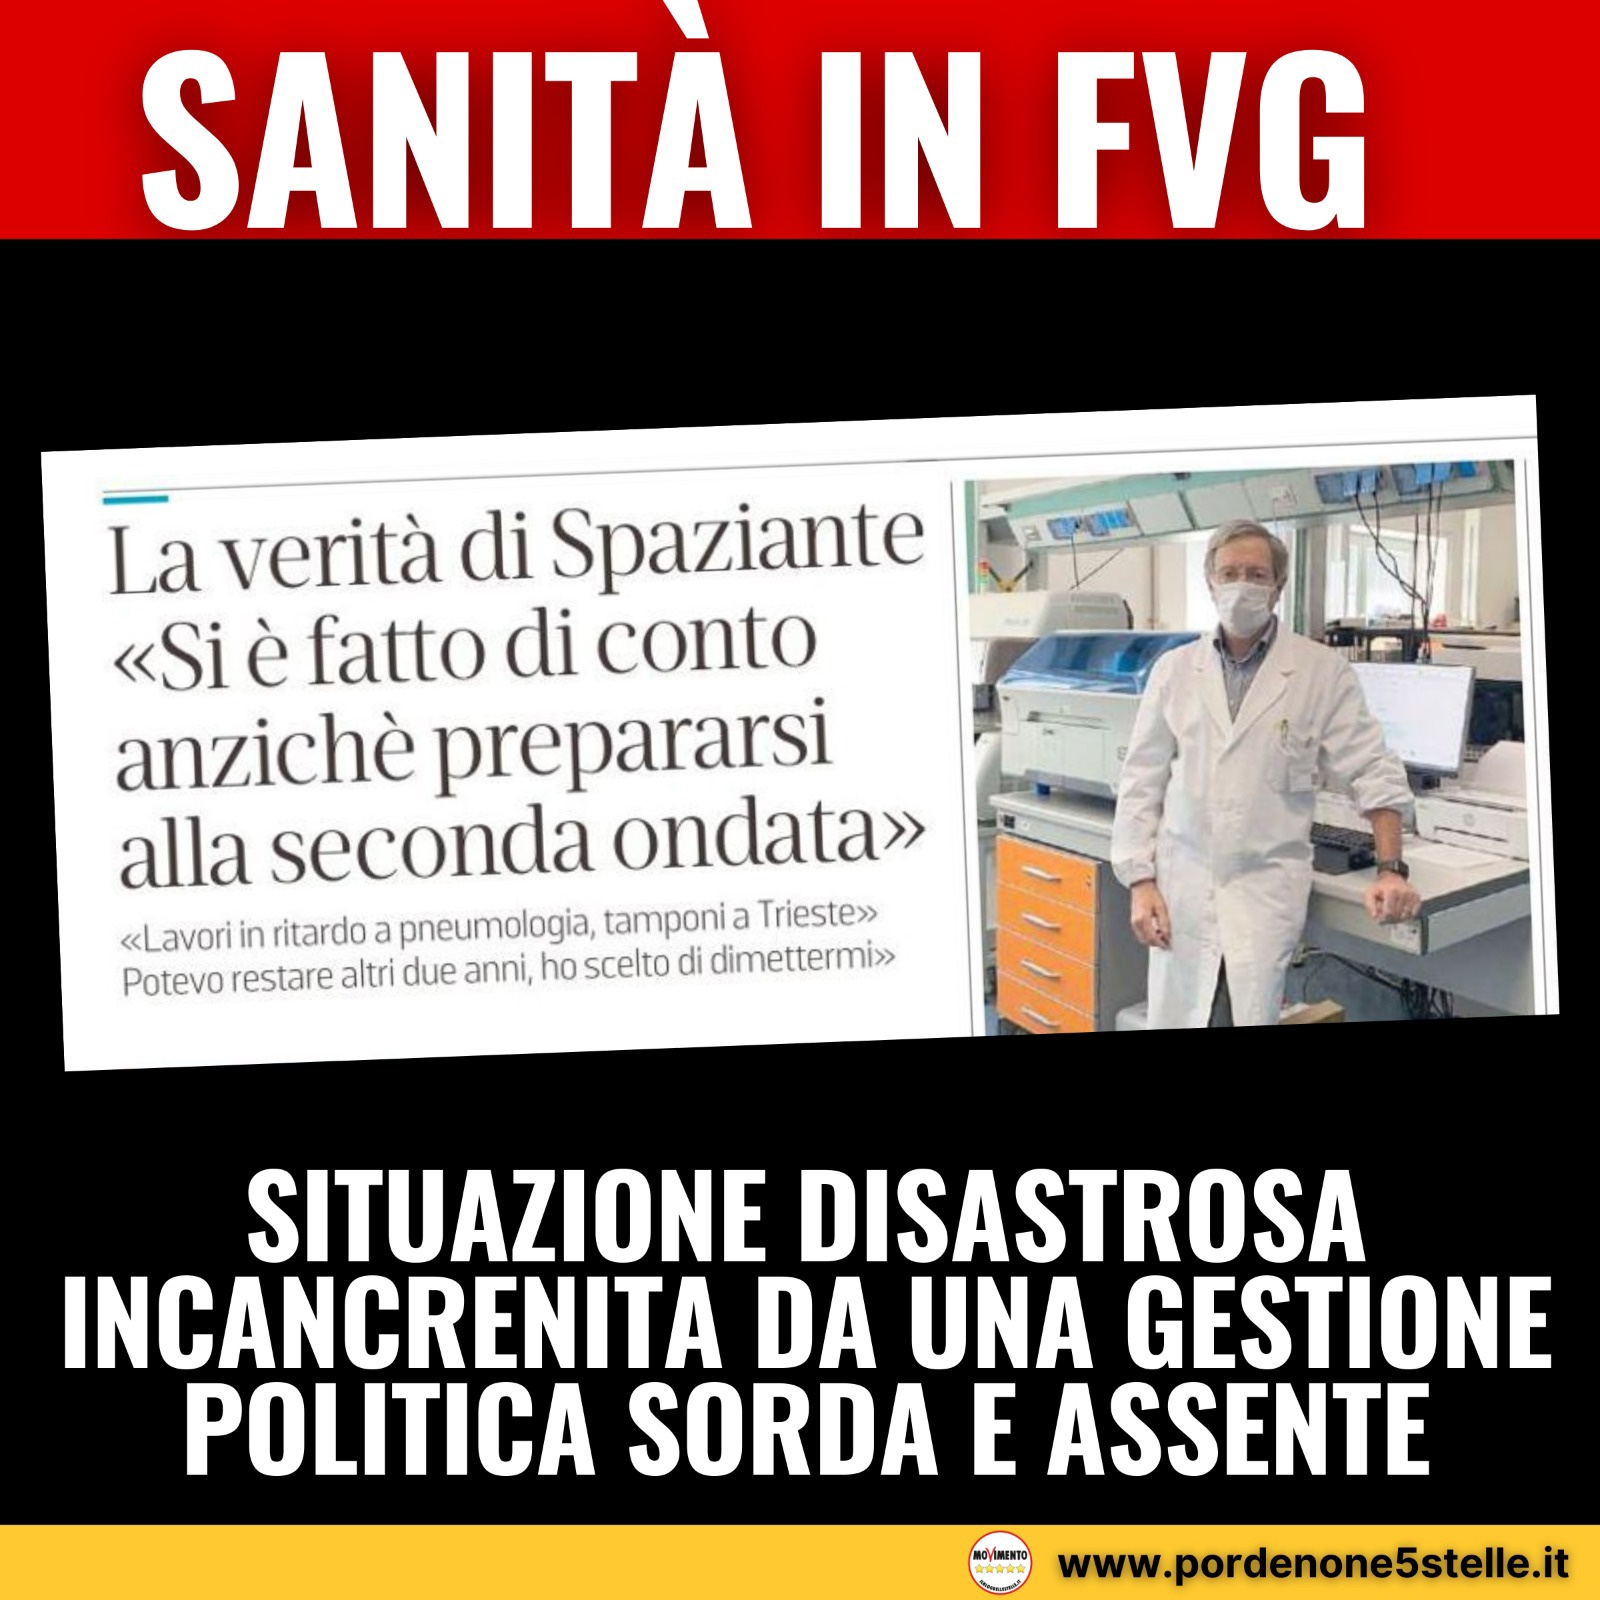 You are currently viewing Sanità in FVG, La situazione disastrosa incancrenita da una gestione politica sorda e assente